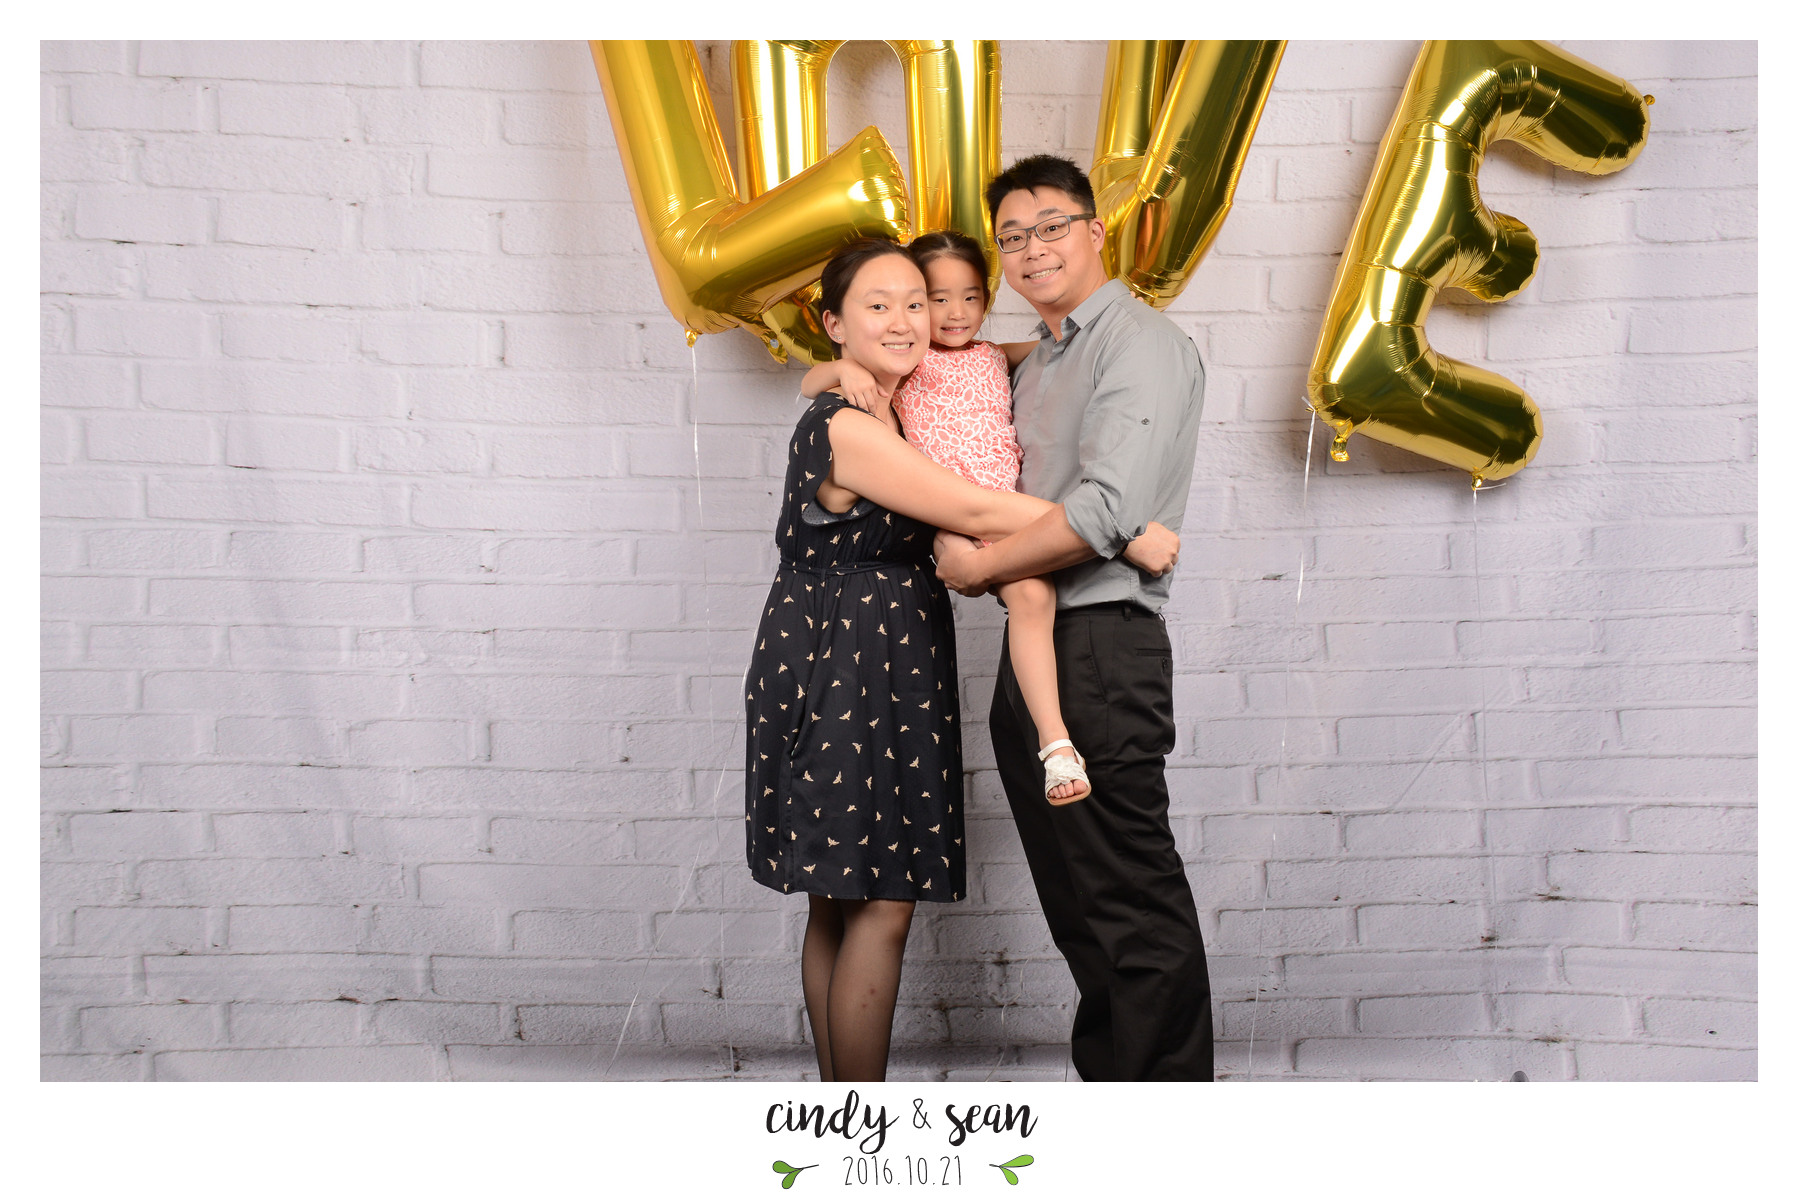 Cindy Sean Bae - 0001-169.jpg